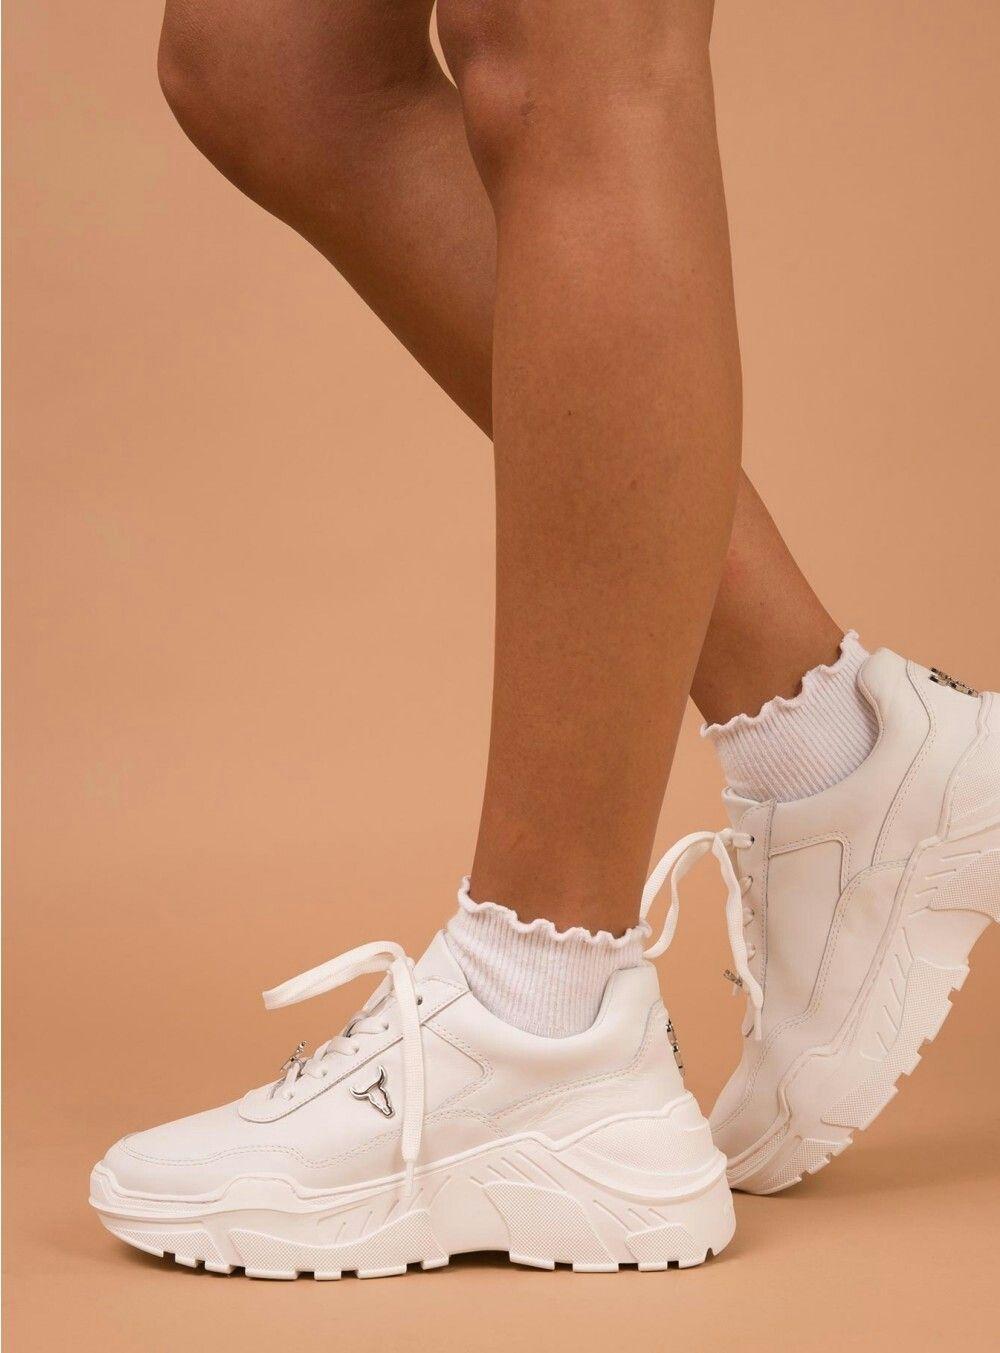 Windsor Smith carte | Shoes fashion